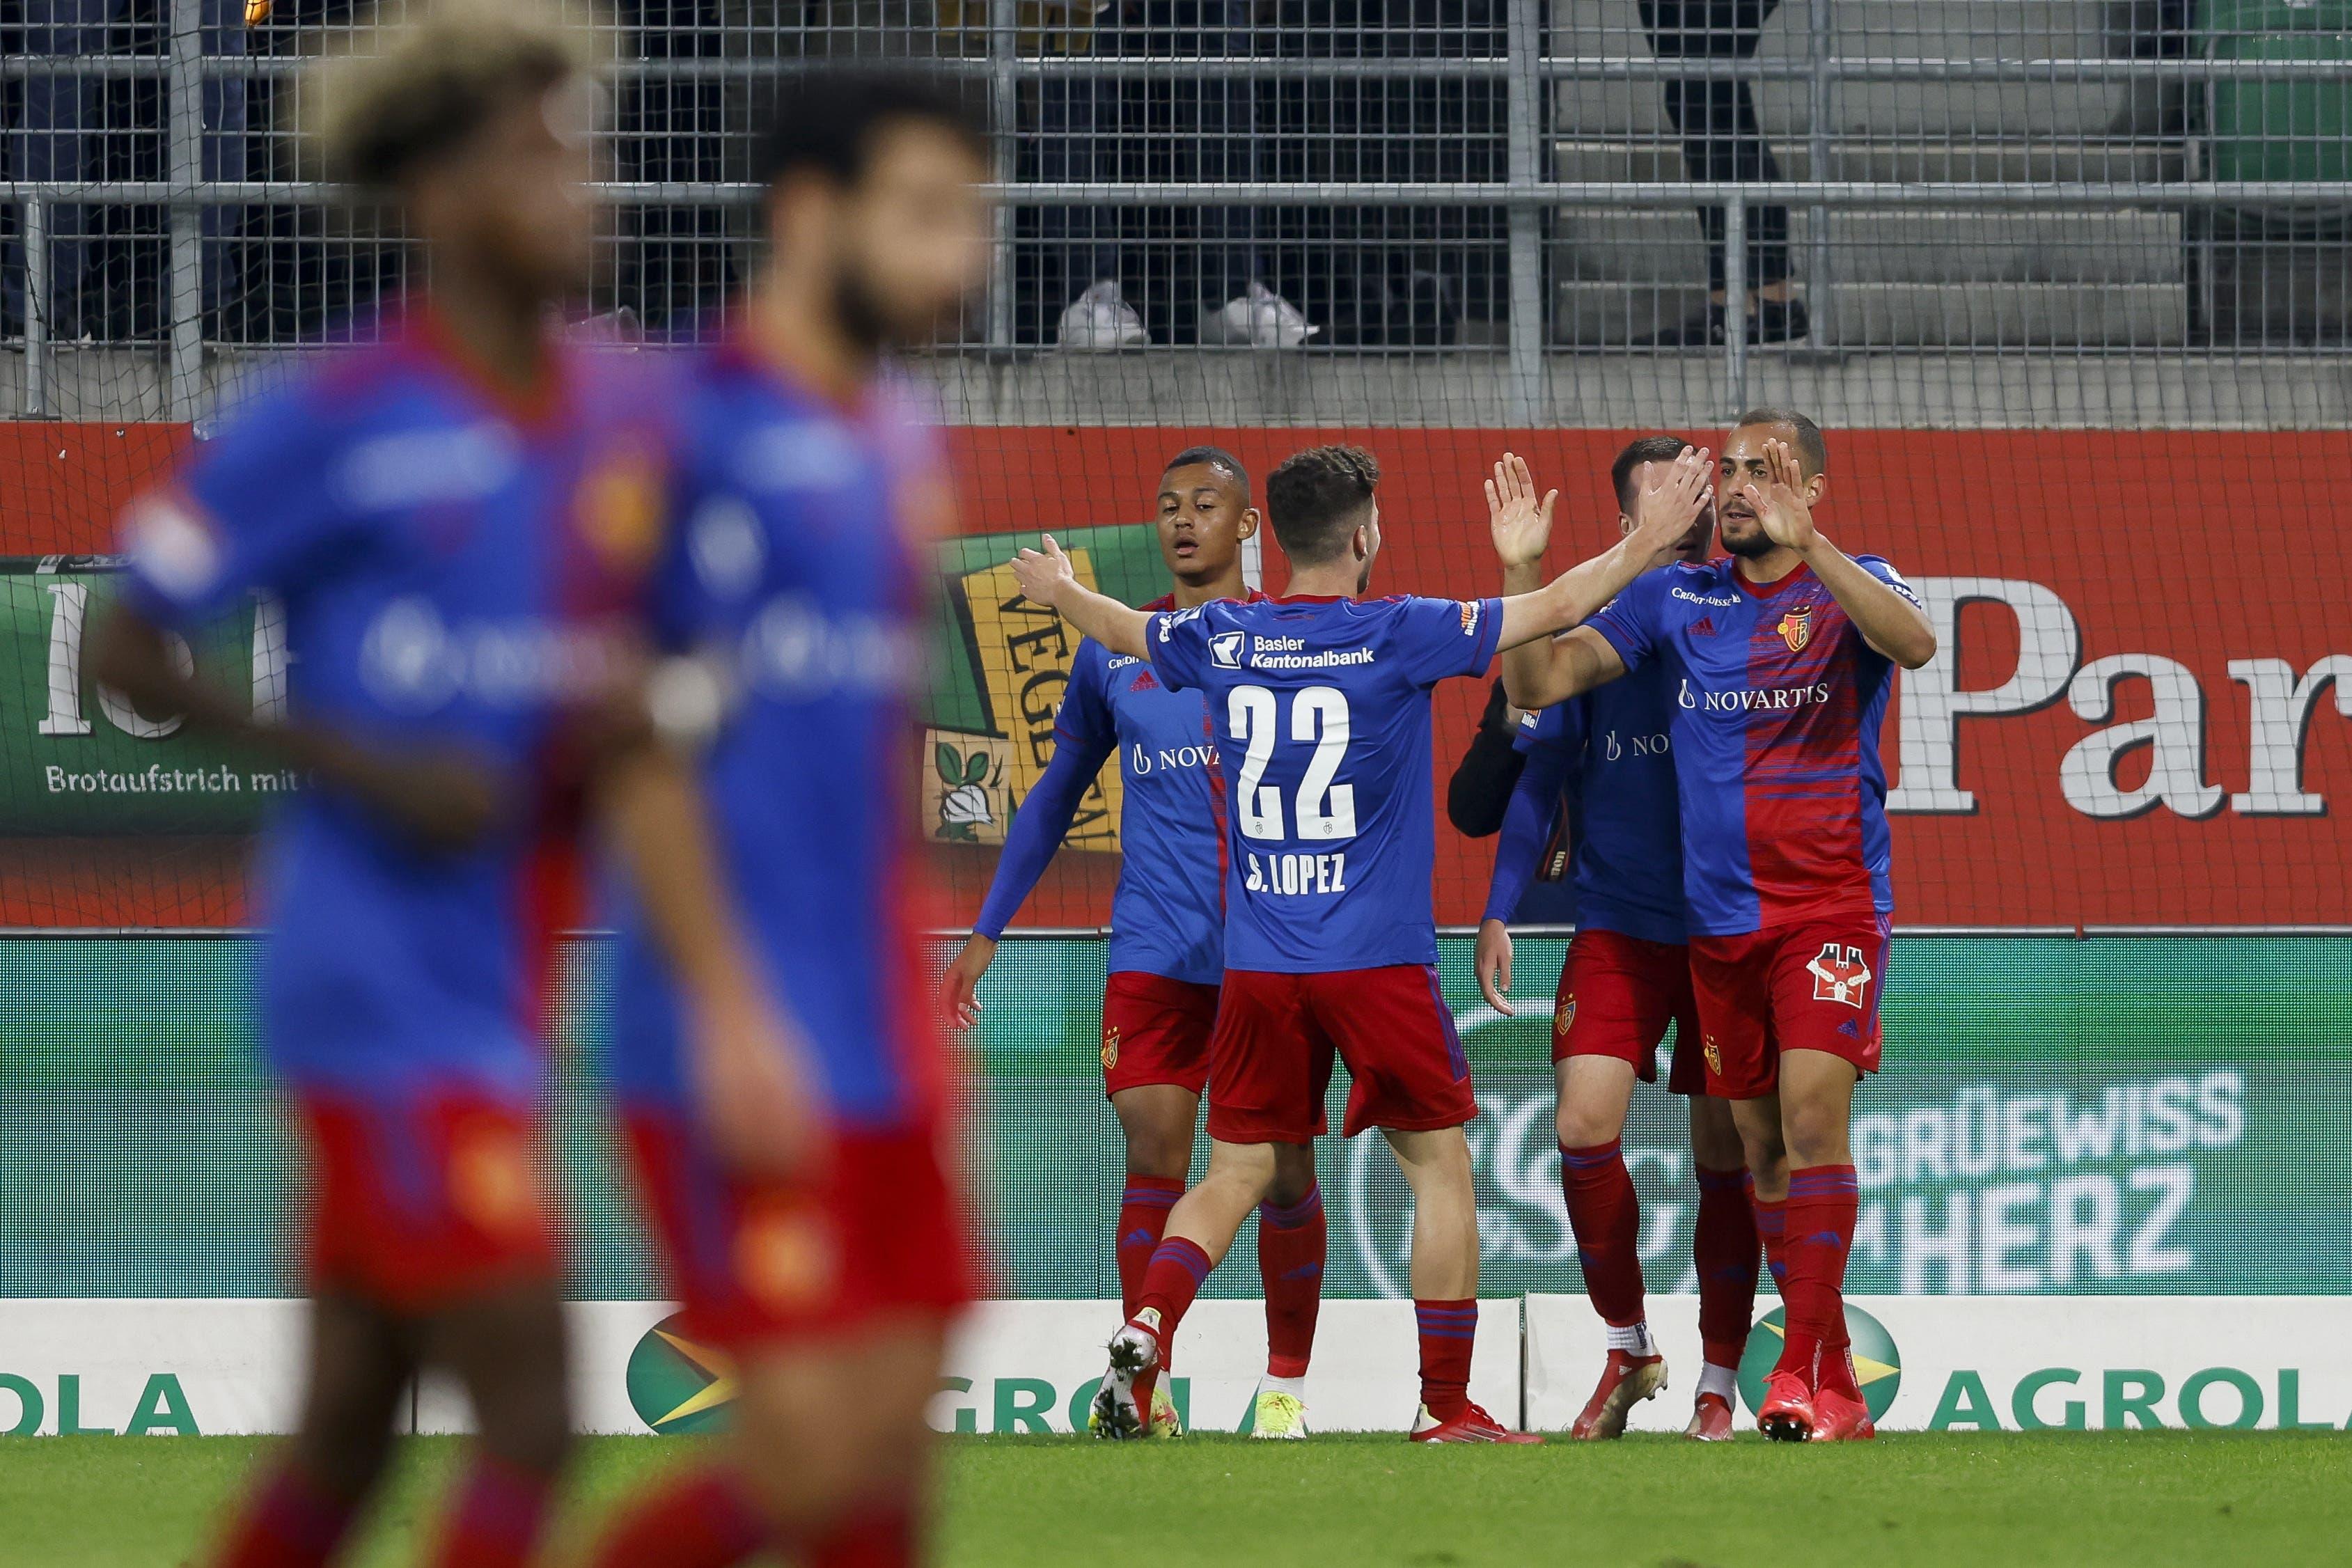 Jubeln darf aber der FC Basel das erste Mal, weil die Jubelgarantie Arthur Cabral das 1:0 für die Gäste erzielt.